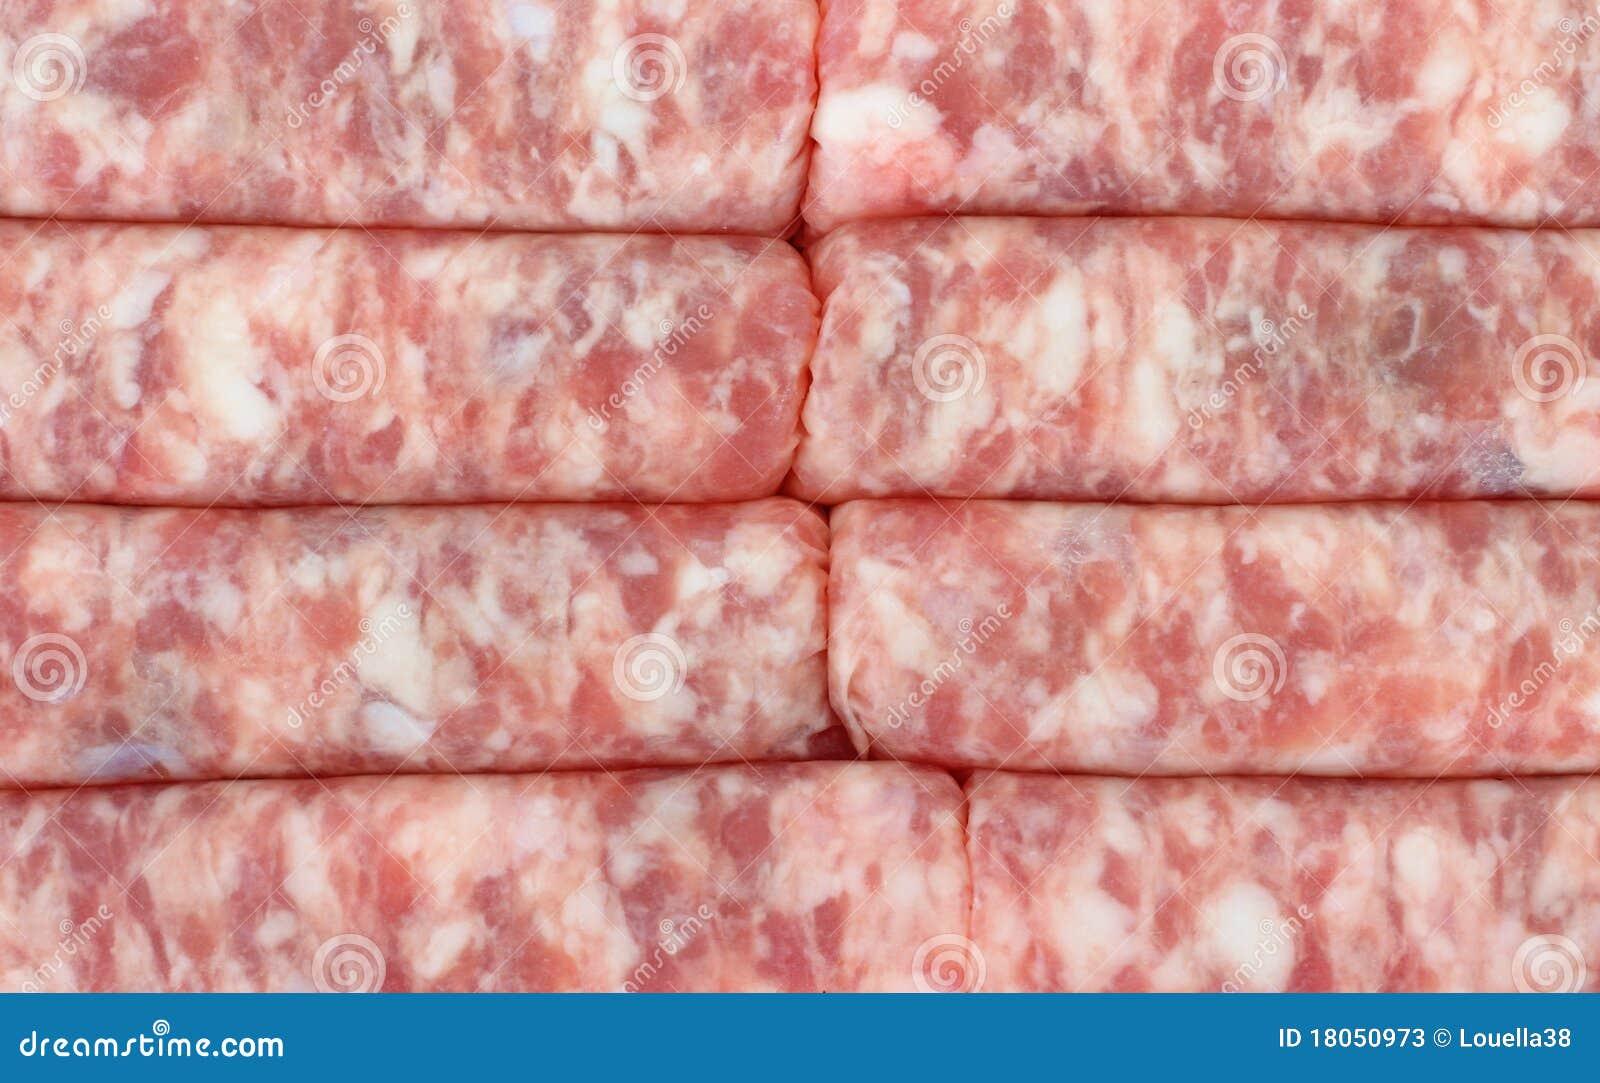 close view of fresh ground pork link sausage.